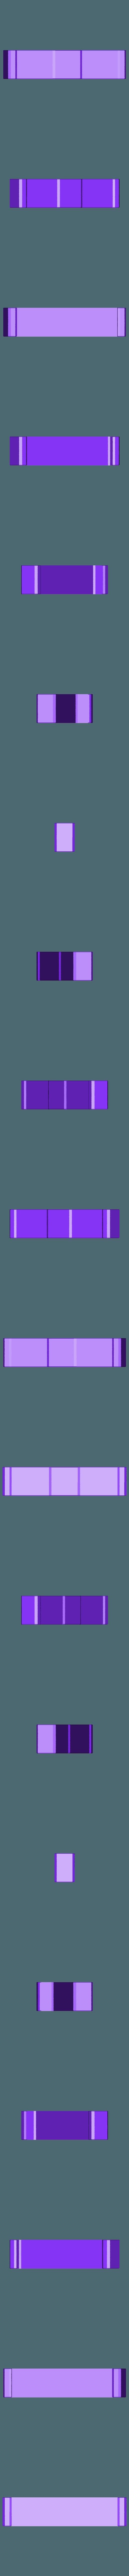 center.stl Télécharger fichier STL gratuit Samsung Galaxy Note 10+ Couverture pour usage intensif • Design pour imprimante 3D, MatsErik